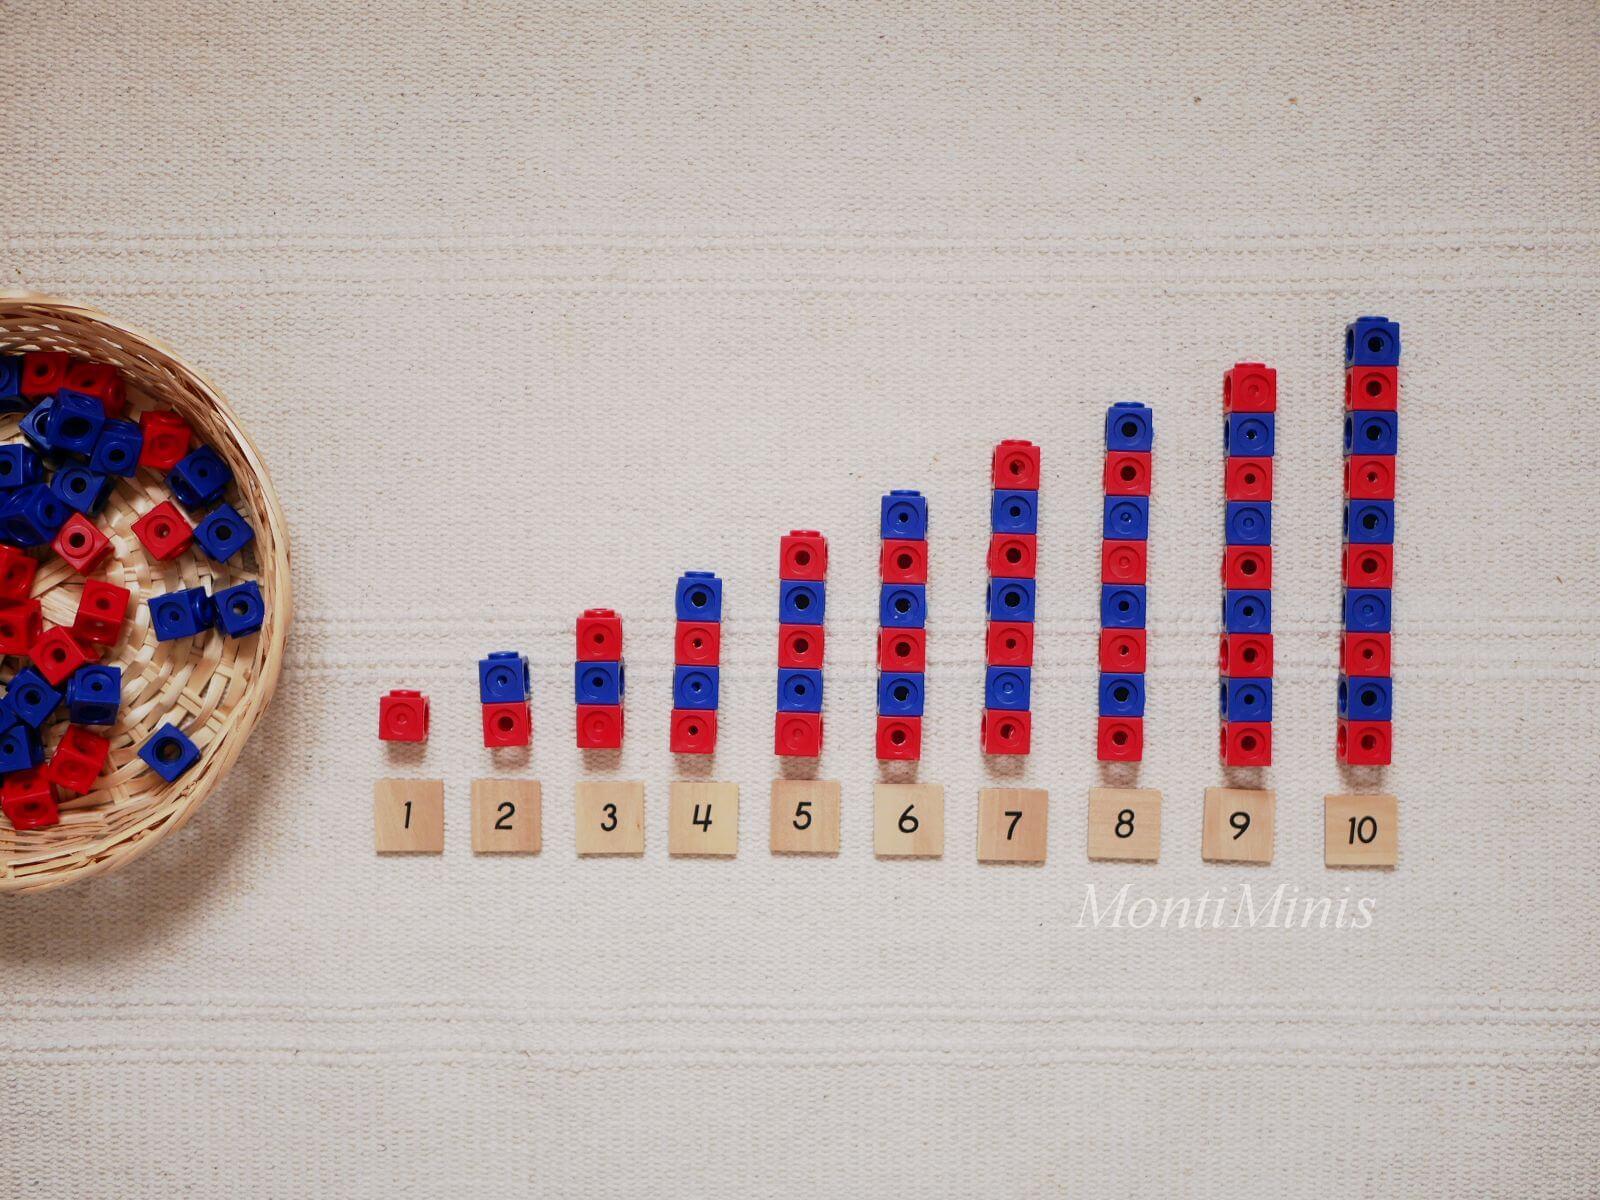 Mathematik-Aktionstablett: Dick-System Steckwürfel-Mathe-Spielideen-Spielerisch lernen, Montessori Zuhause, Unterrichtsmaterial, Kindergarten, Vorschule & Grundschule-montiminis.com